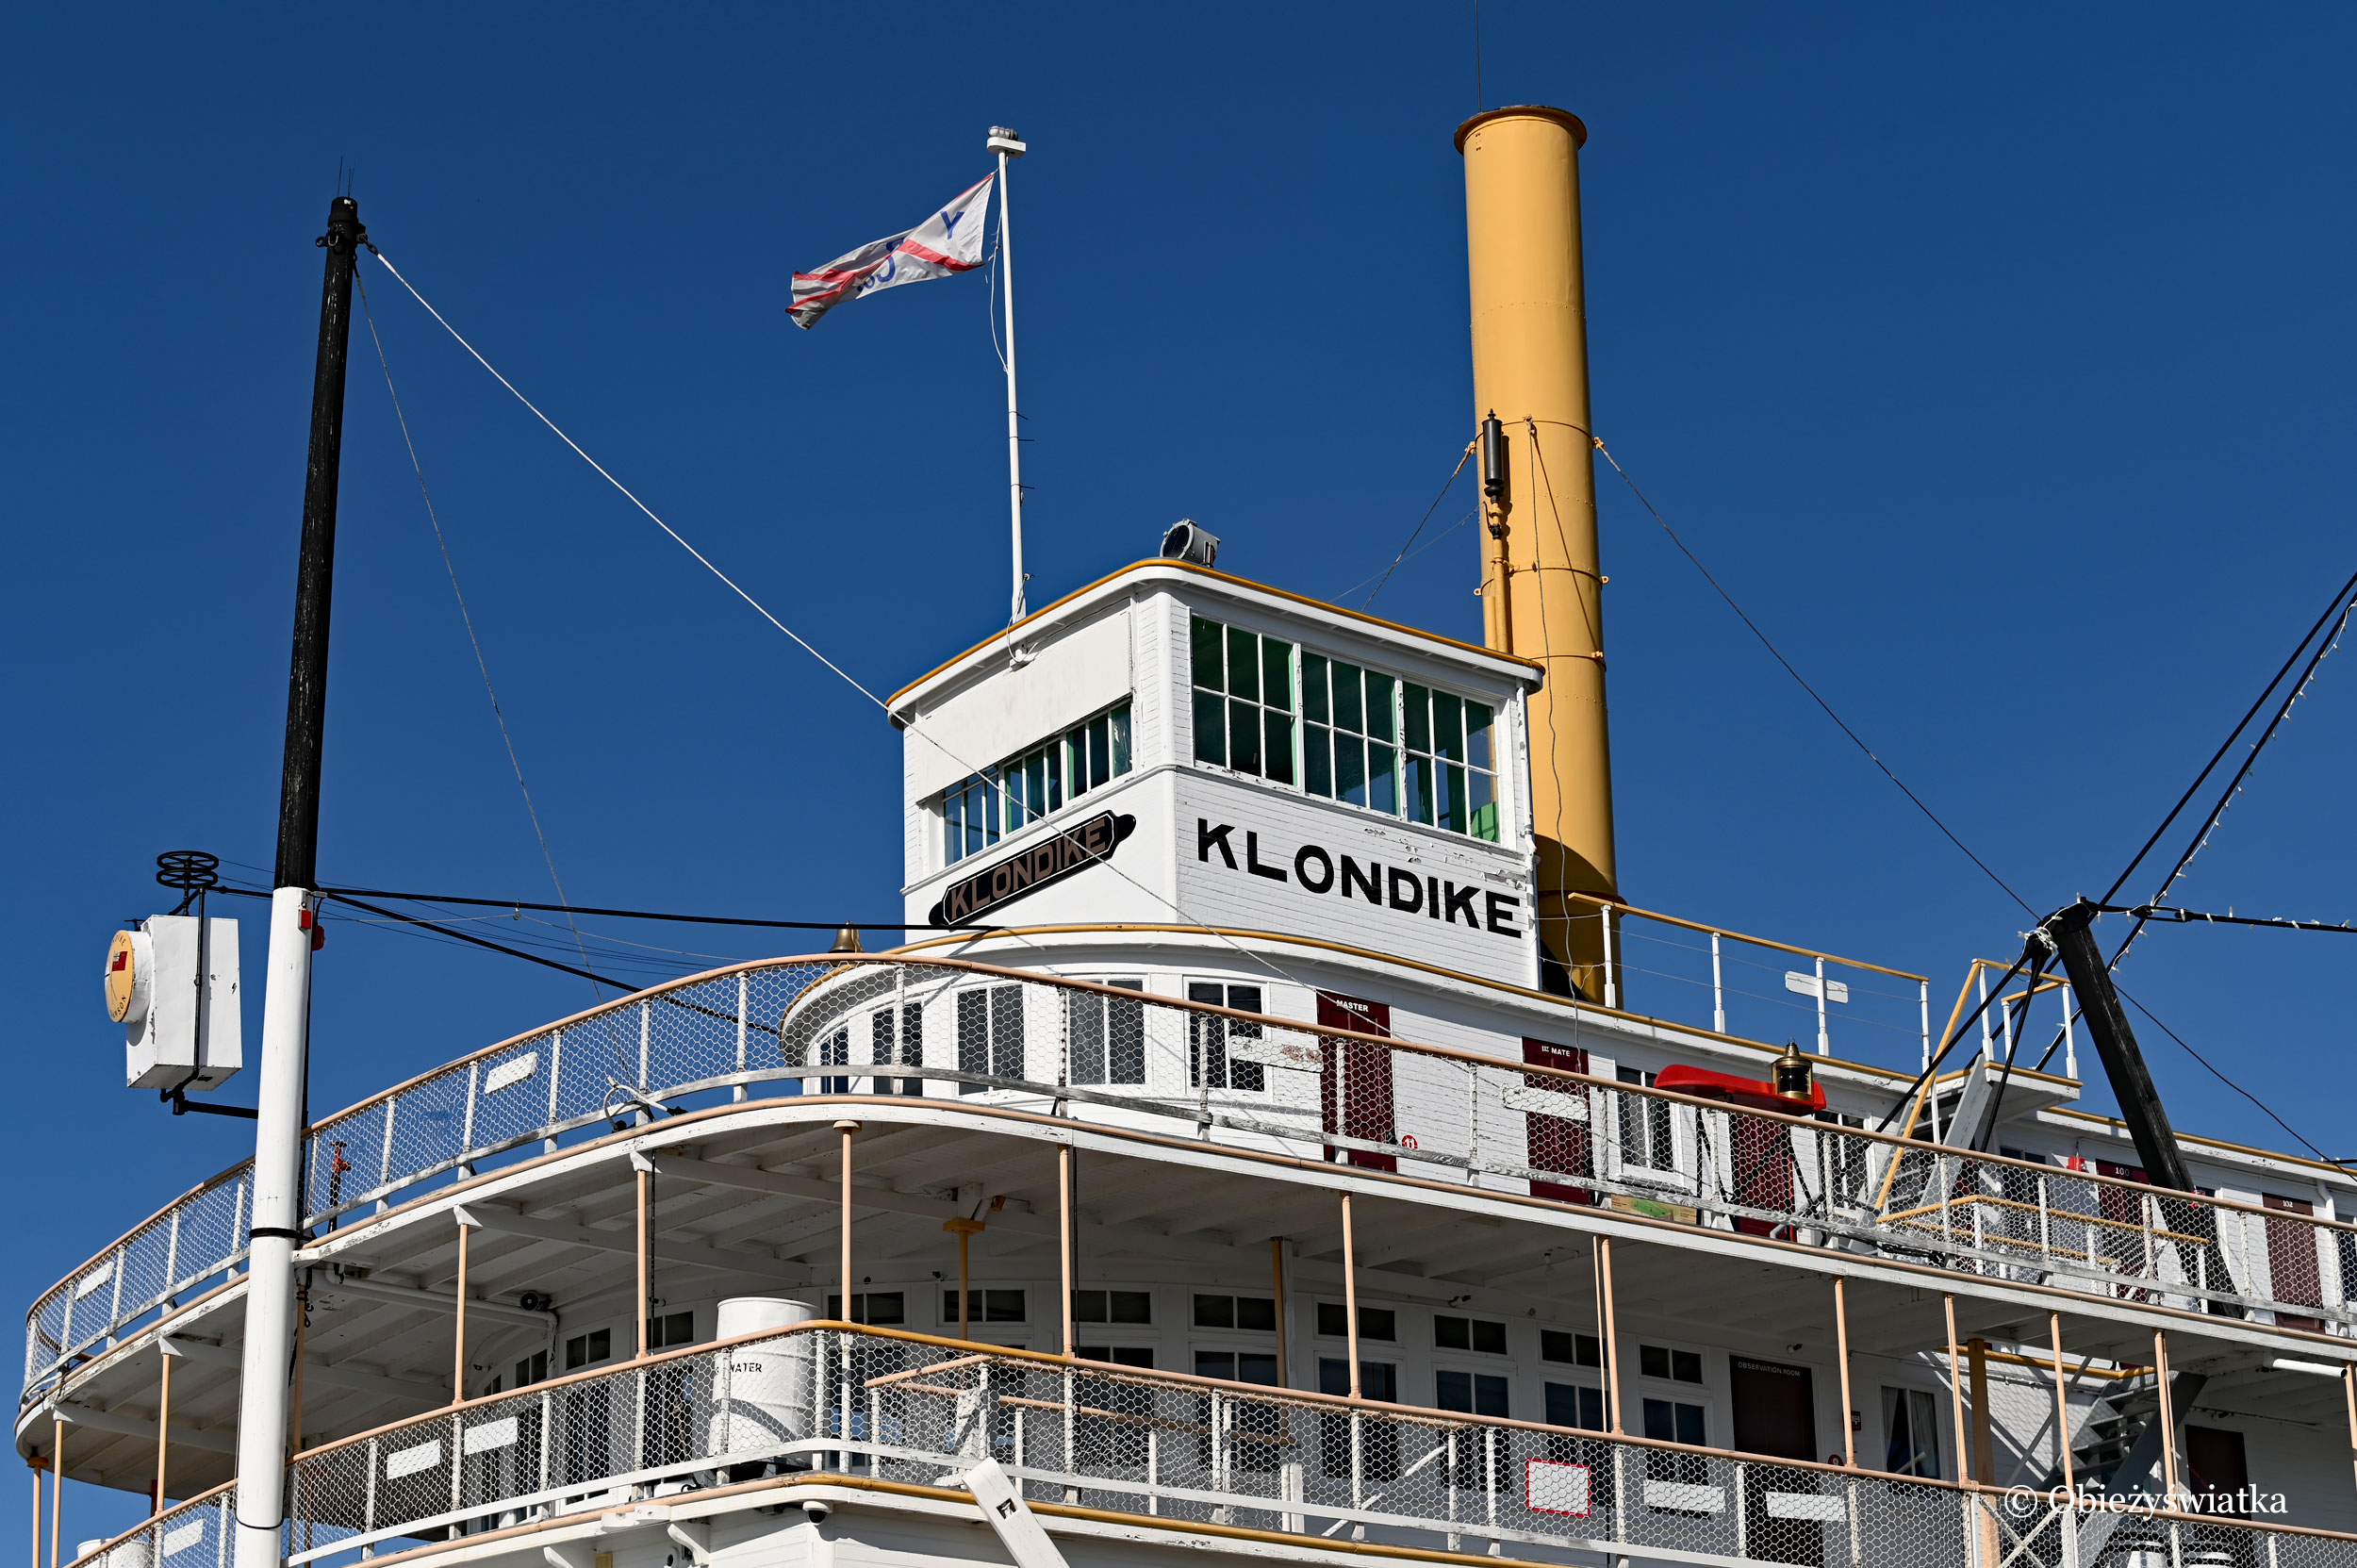 Statek-muzeum: SS Klondike, Whitehorse, Kanada